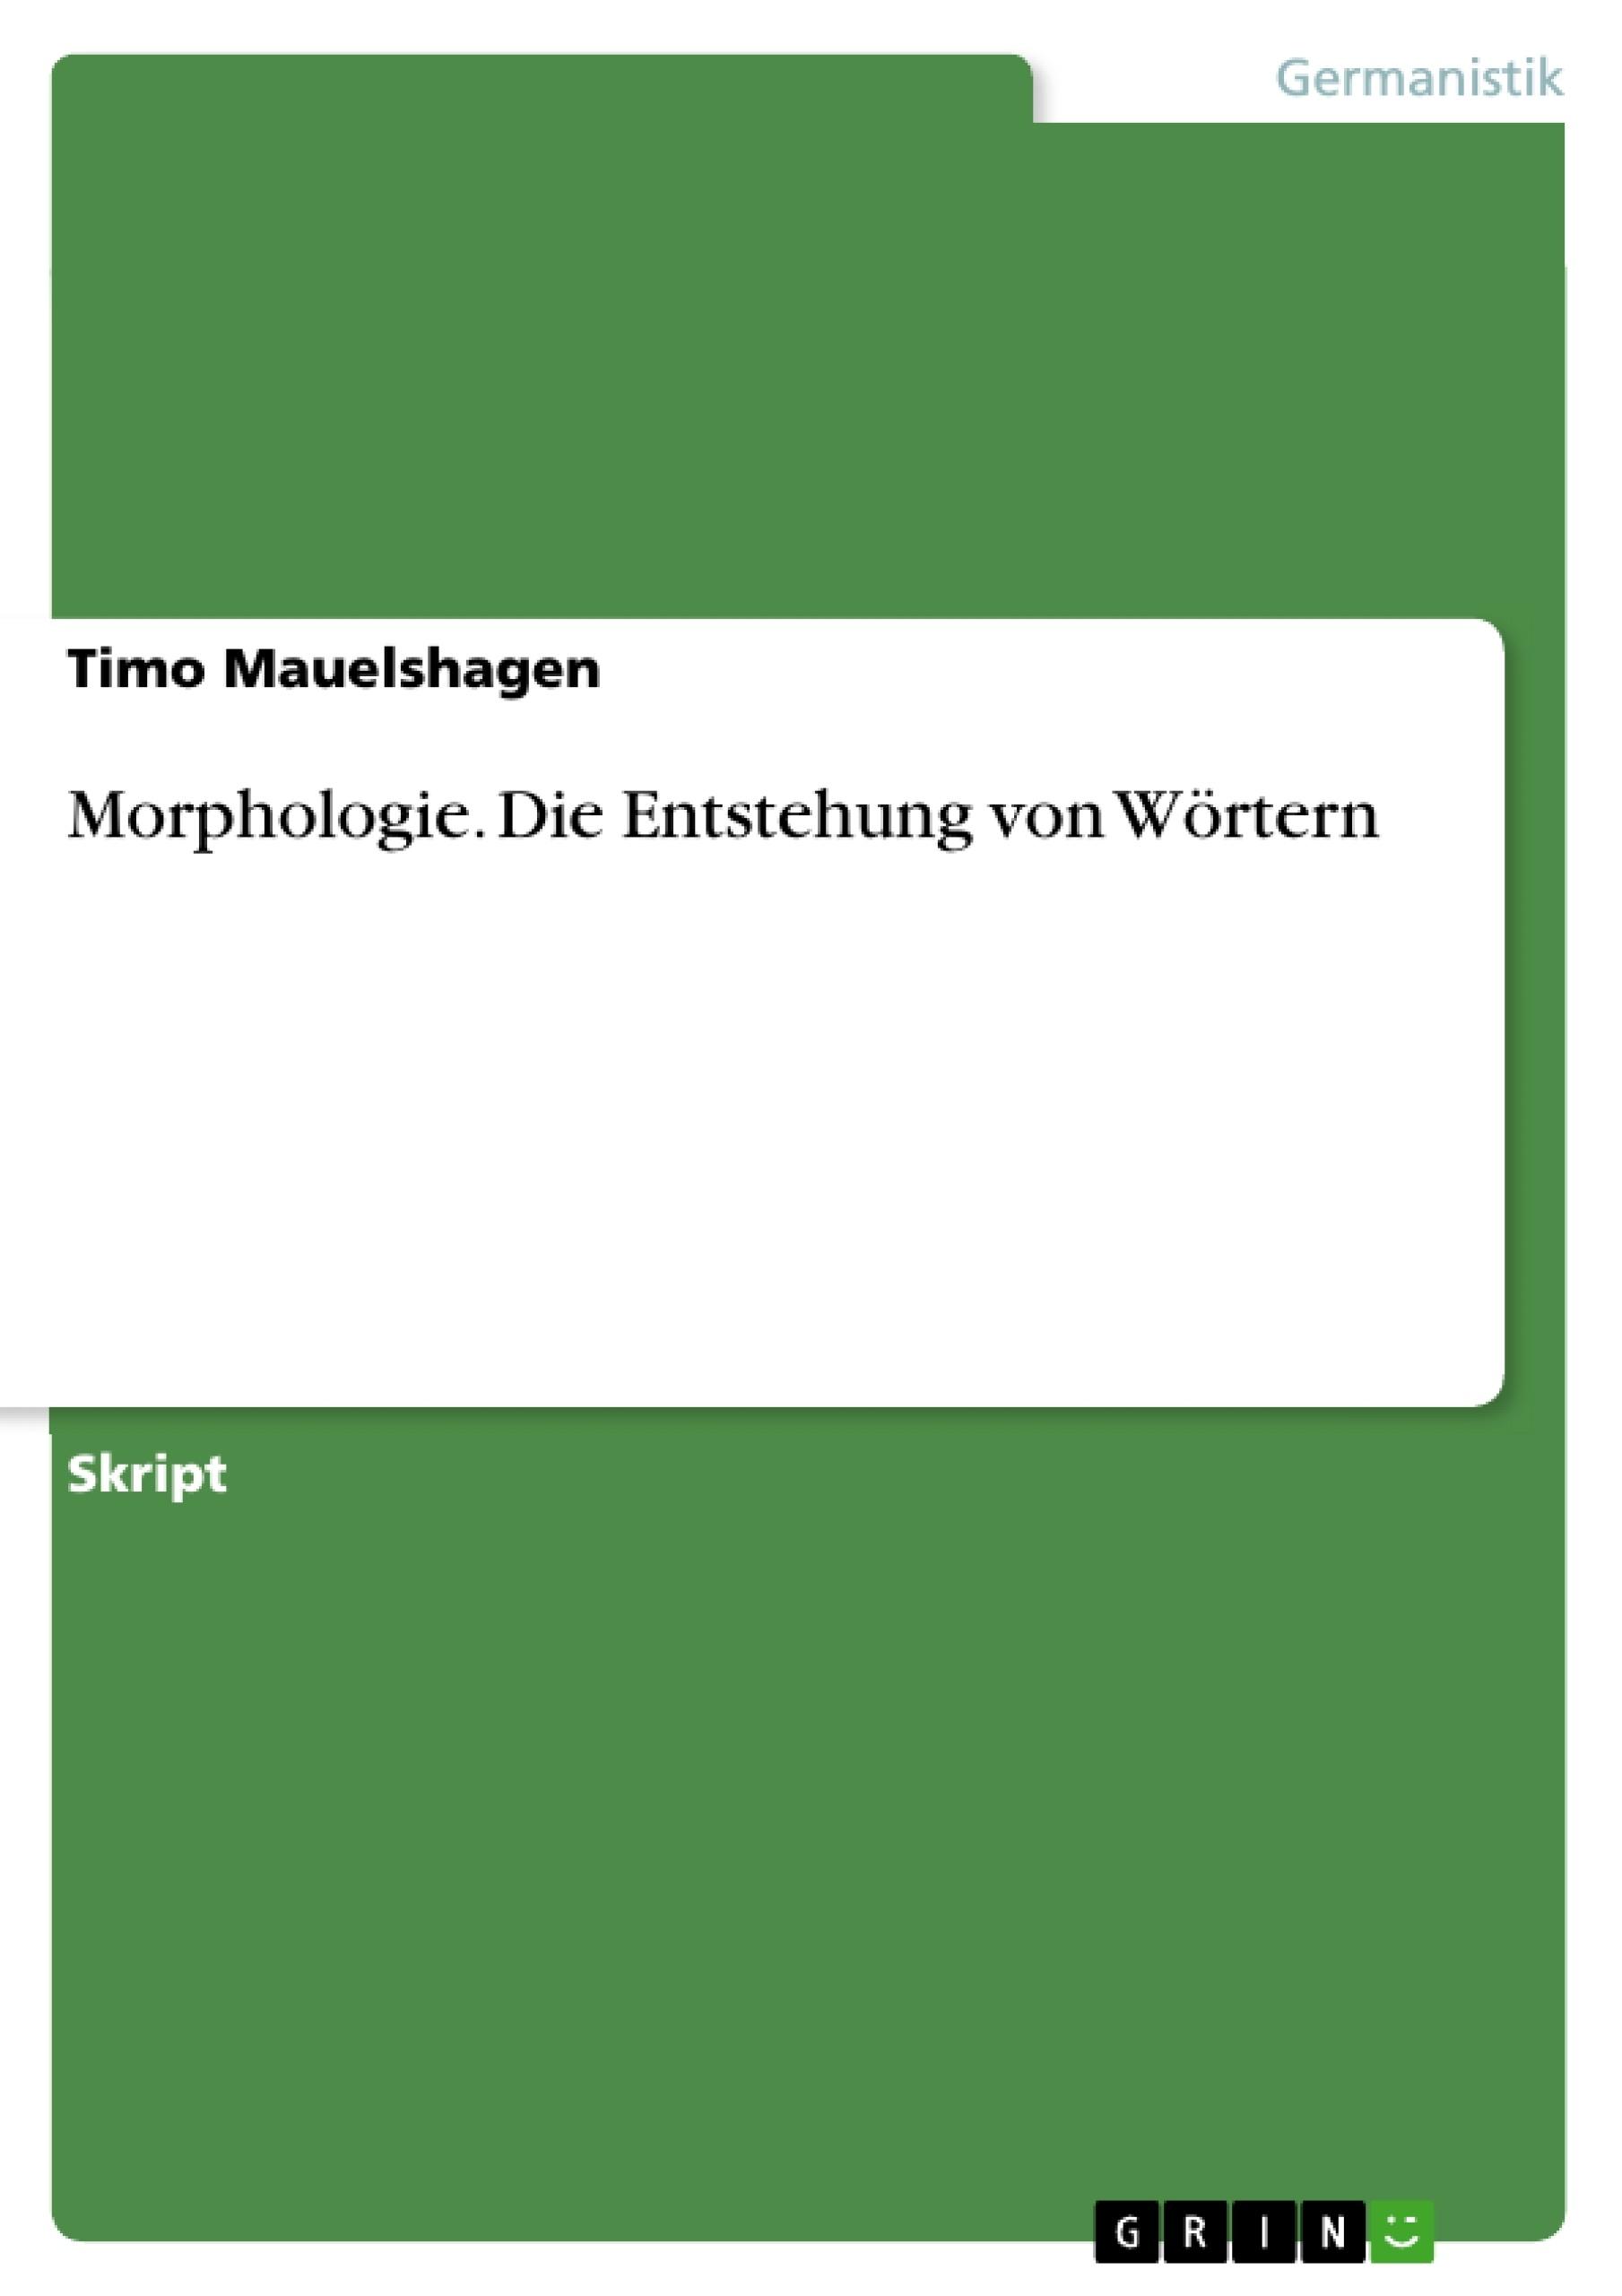 Titel: Morphologie. Die Entstehung von Wörtern